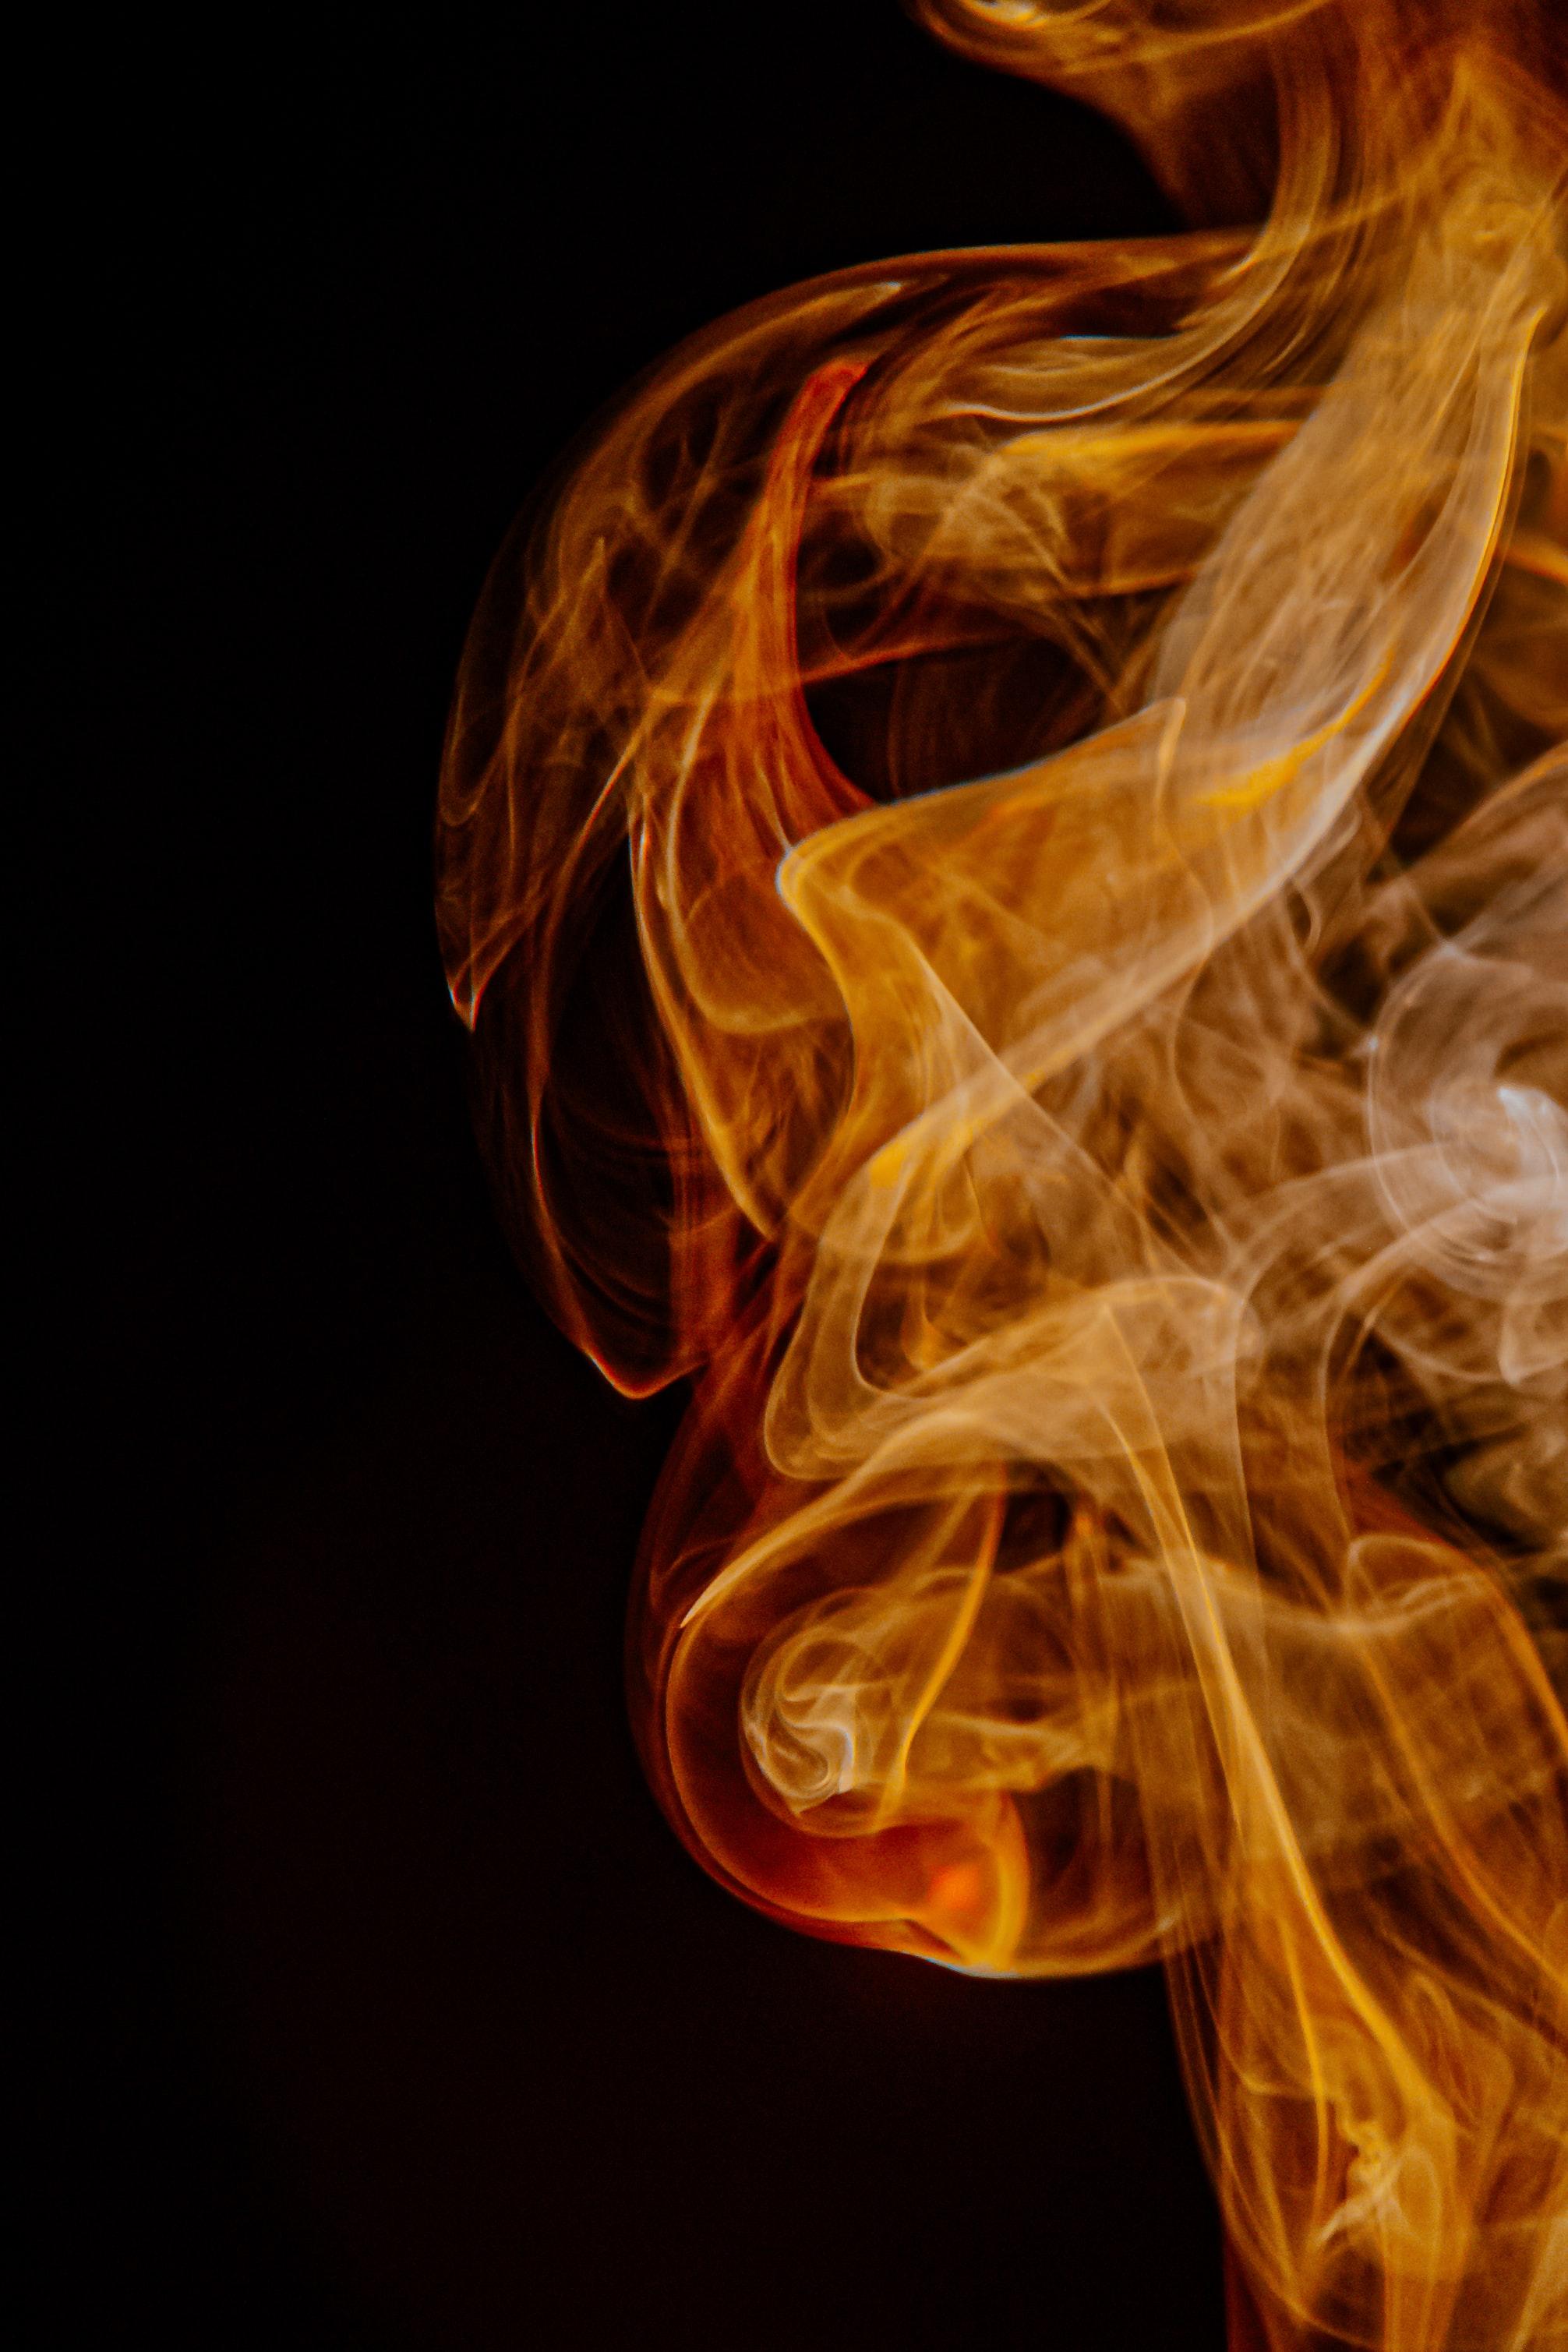 84229 免費下載壁紙 抽象, 火焰, 火, 黑暗的, 黑暗 屏保和圖片